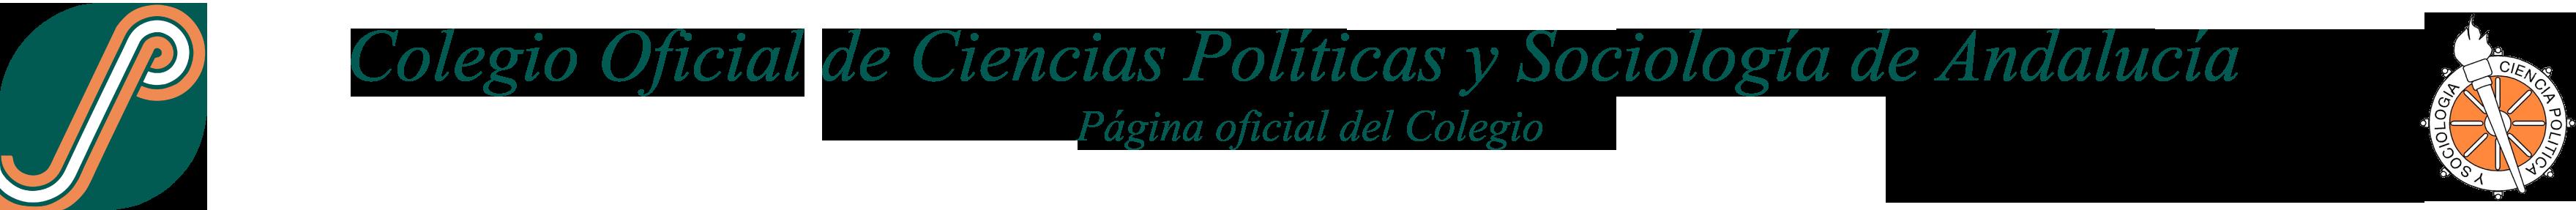 Colegio Oficial de Ciencias Políticas y Sociología de Andalucía